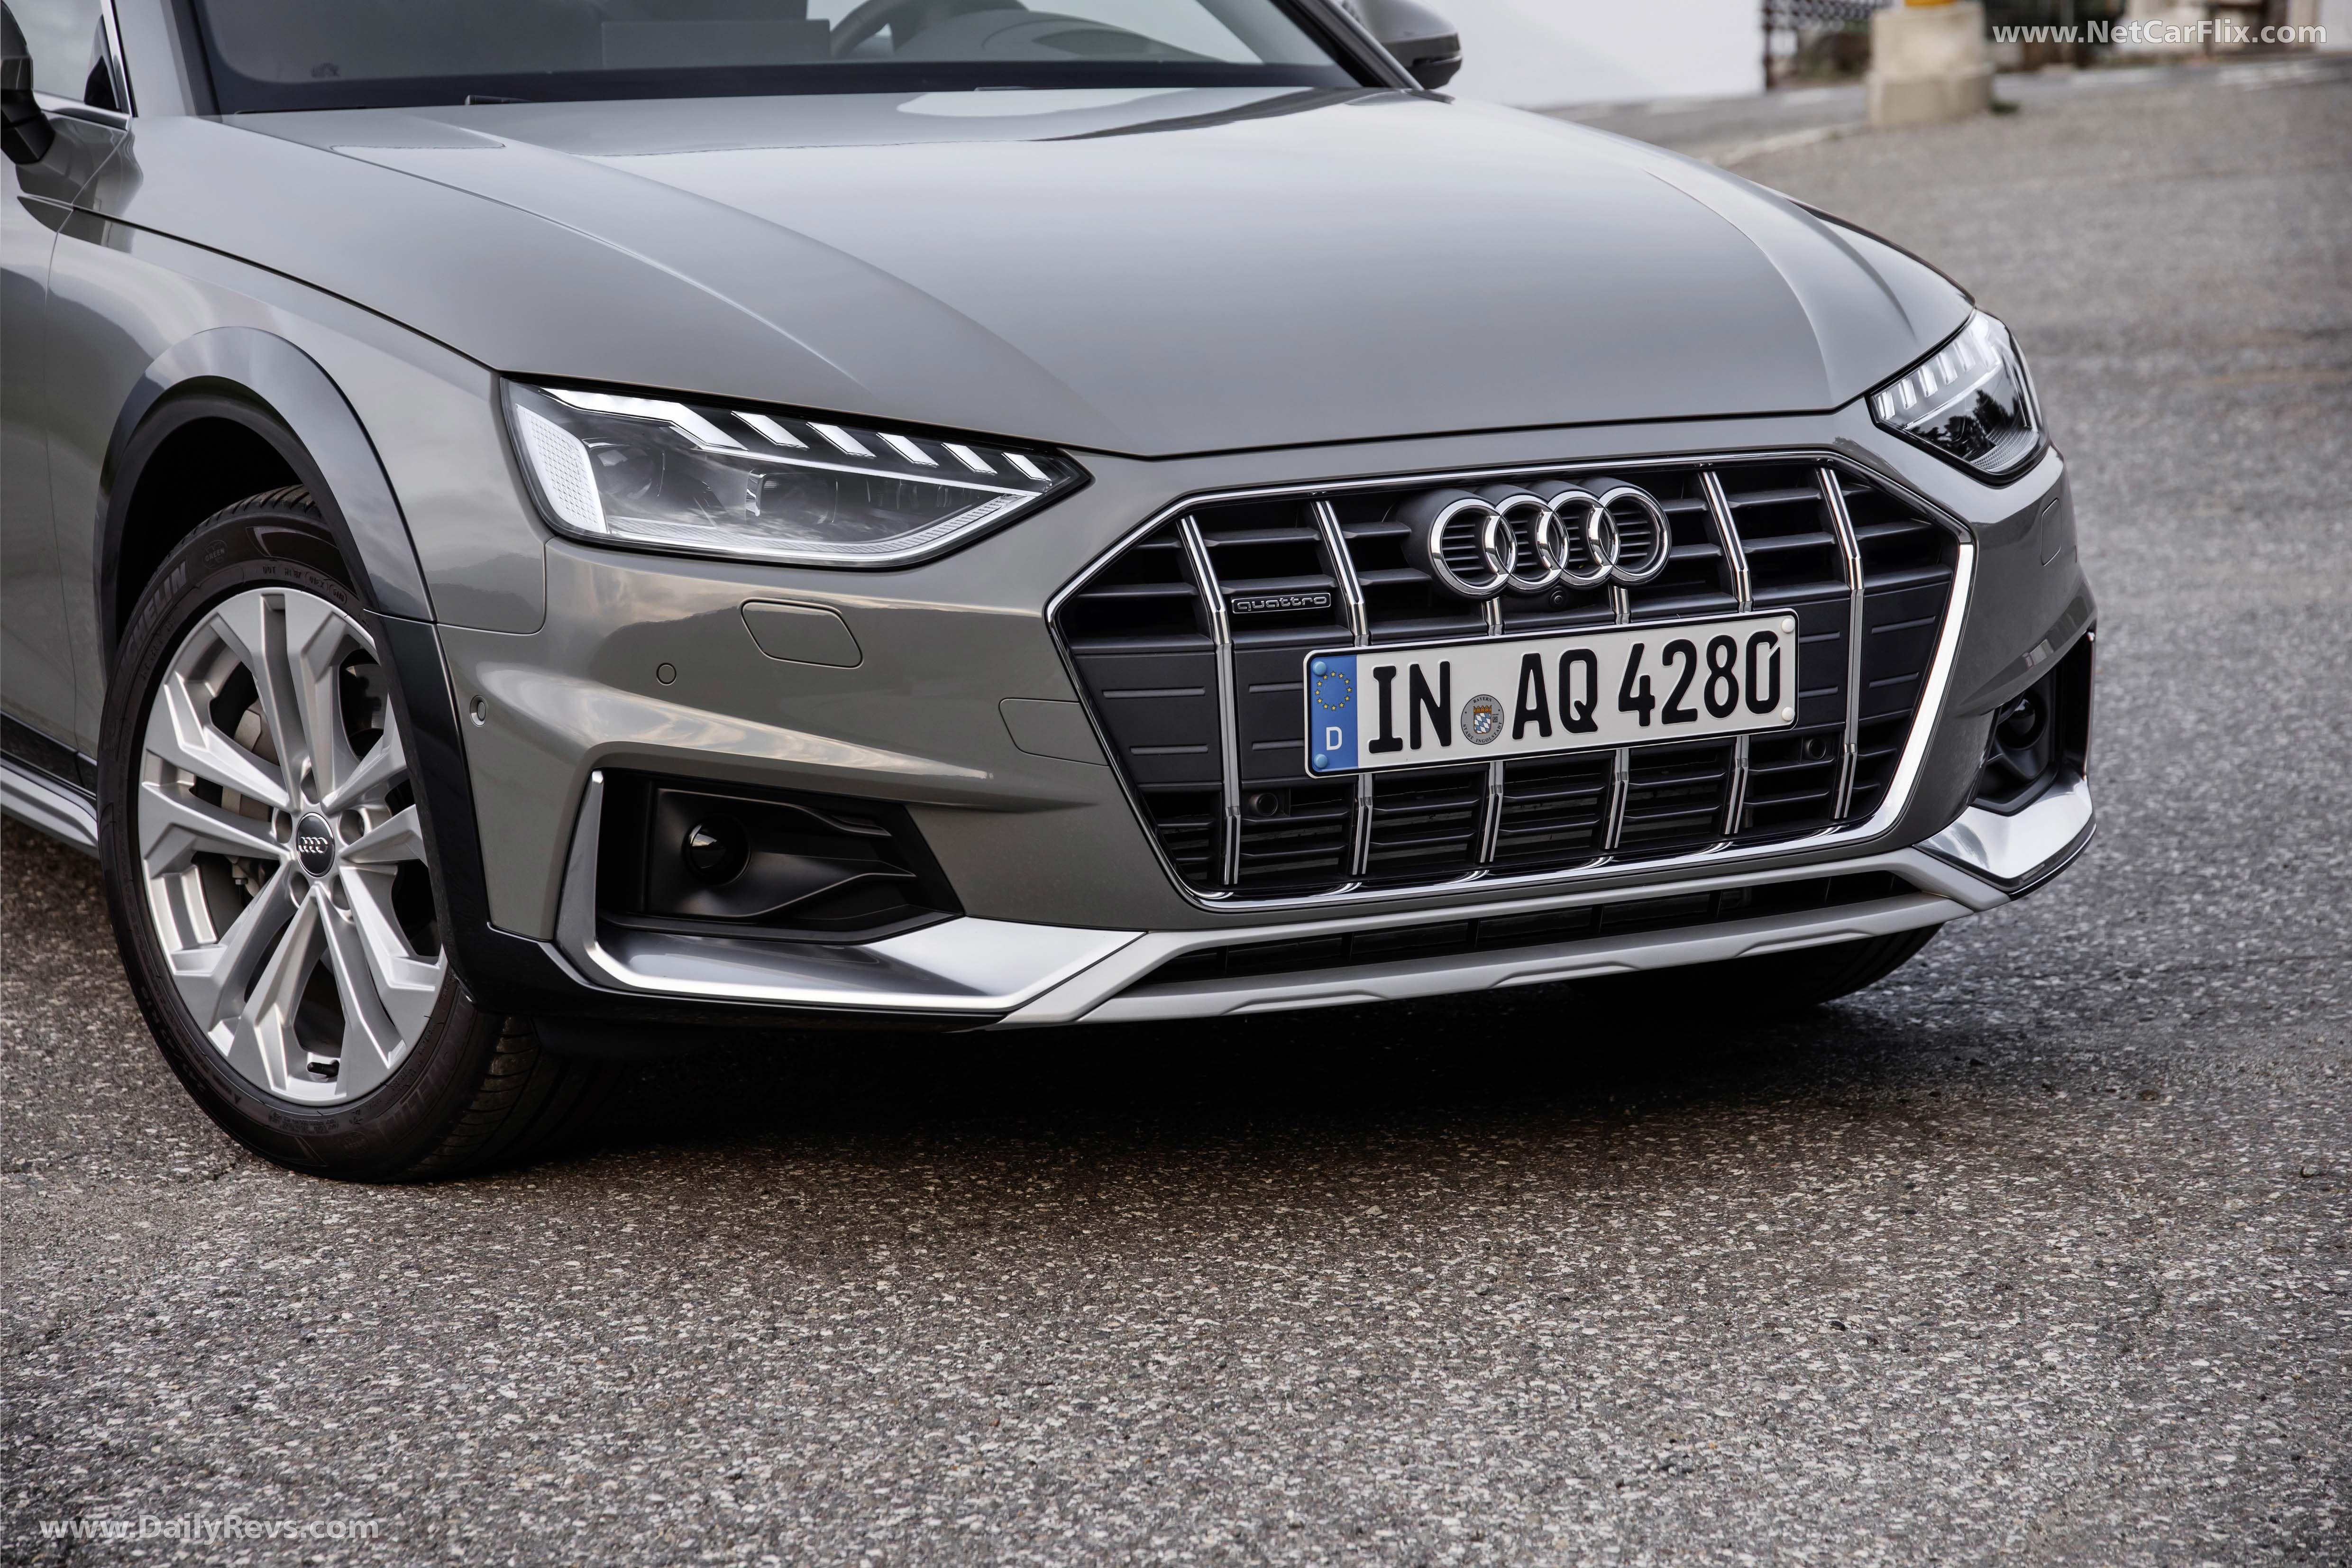 2020 Audi A4 Allroad Quattro Dailyrevs Audi A4 Audi Audi S4